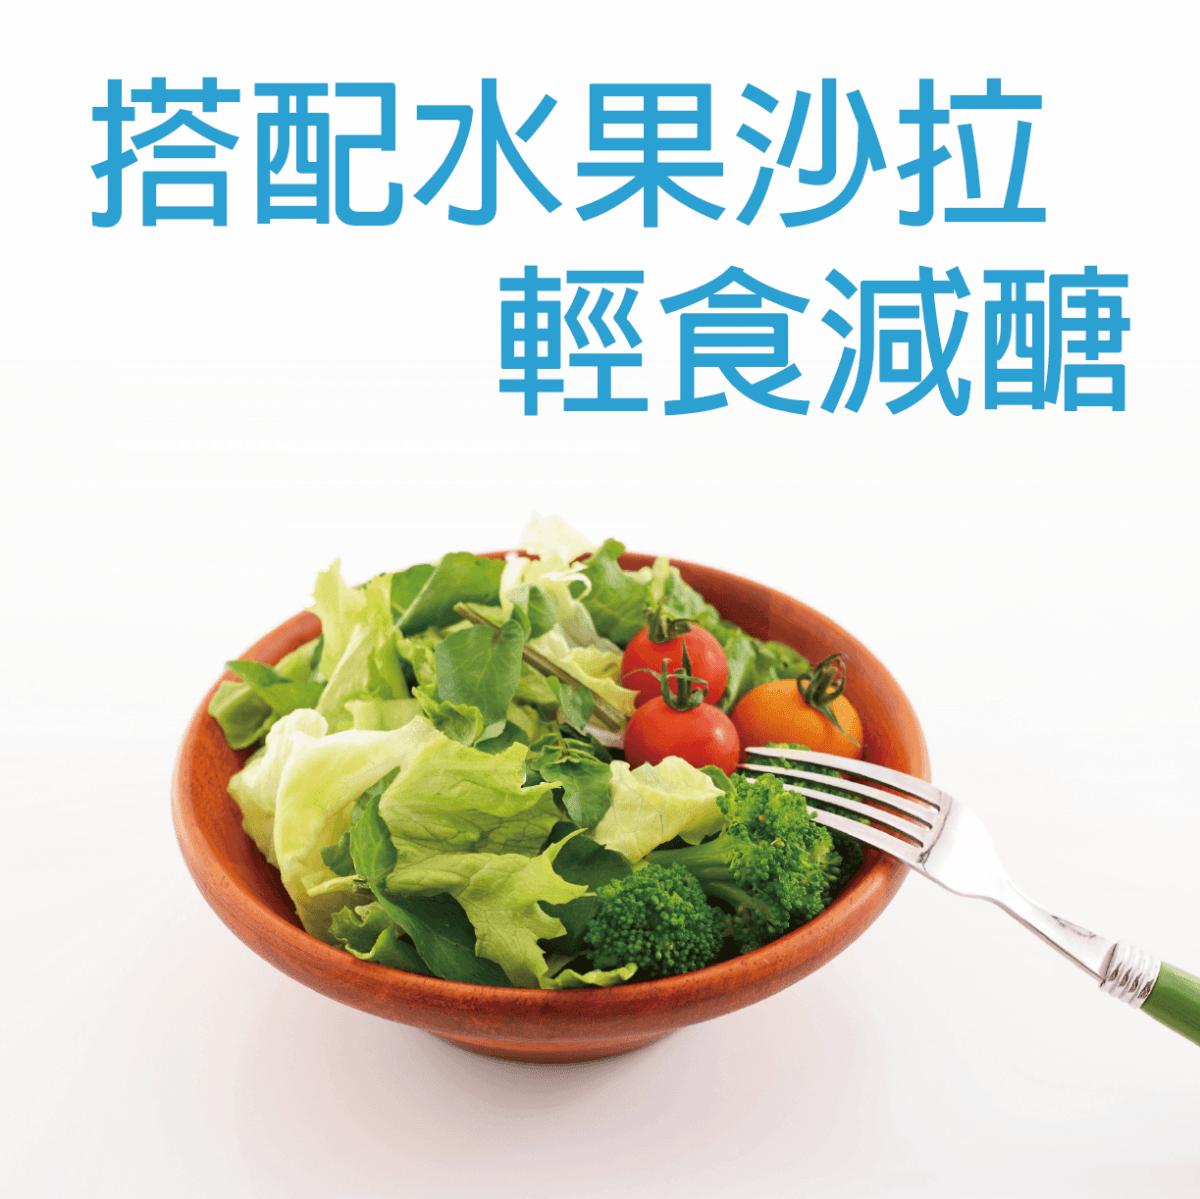 【田食原】鮮凍青花菜1KG 綠花椰菜 冷凍蔬菜 健康減醣 健身餐 養生團購美食 好吃方便 低熱量 1